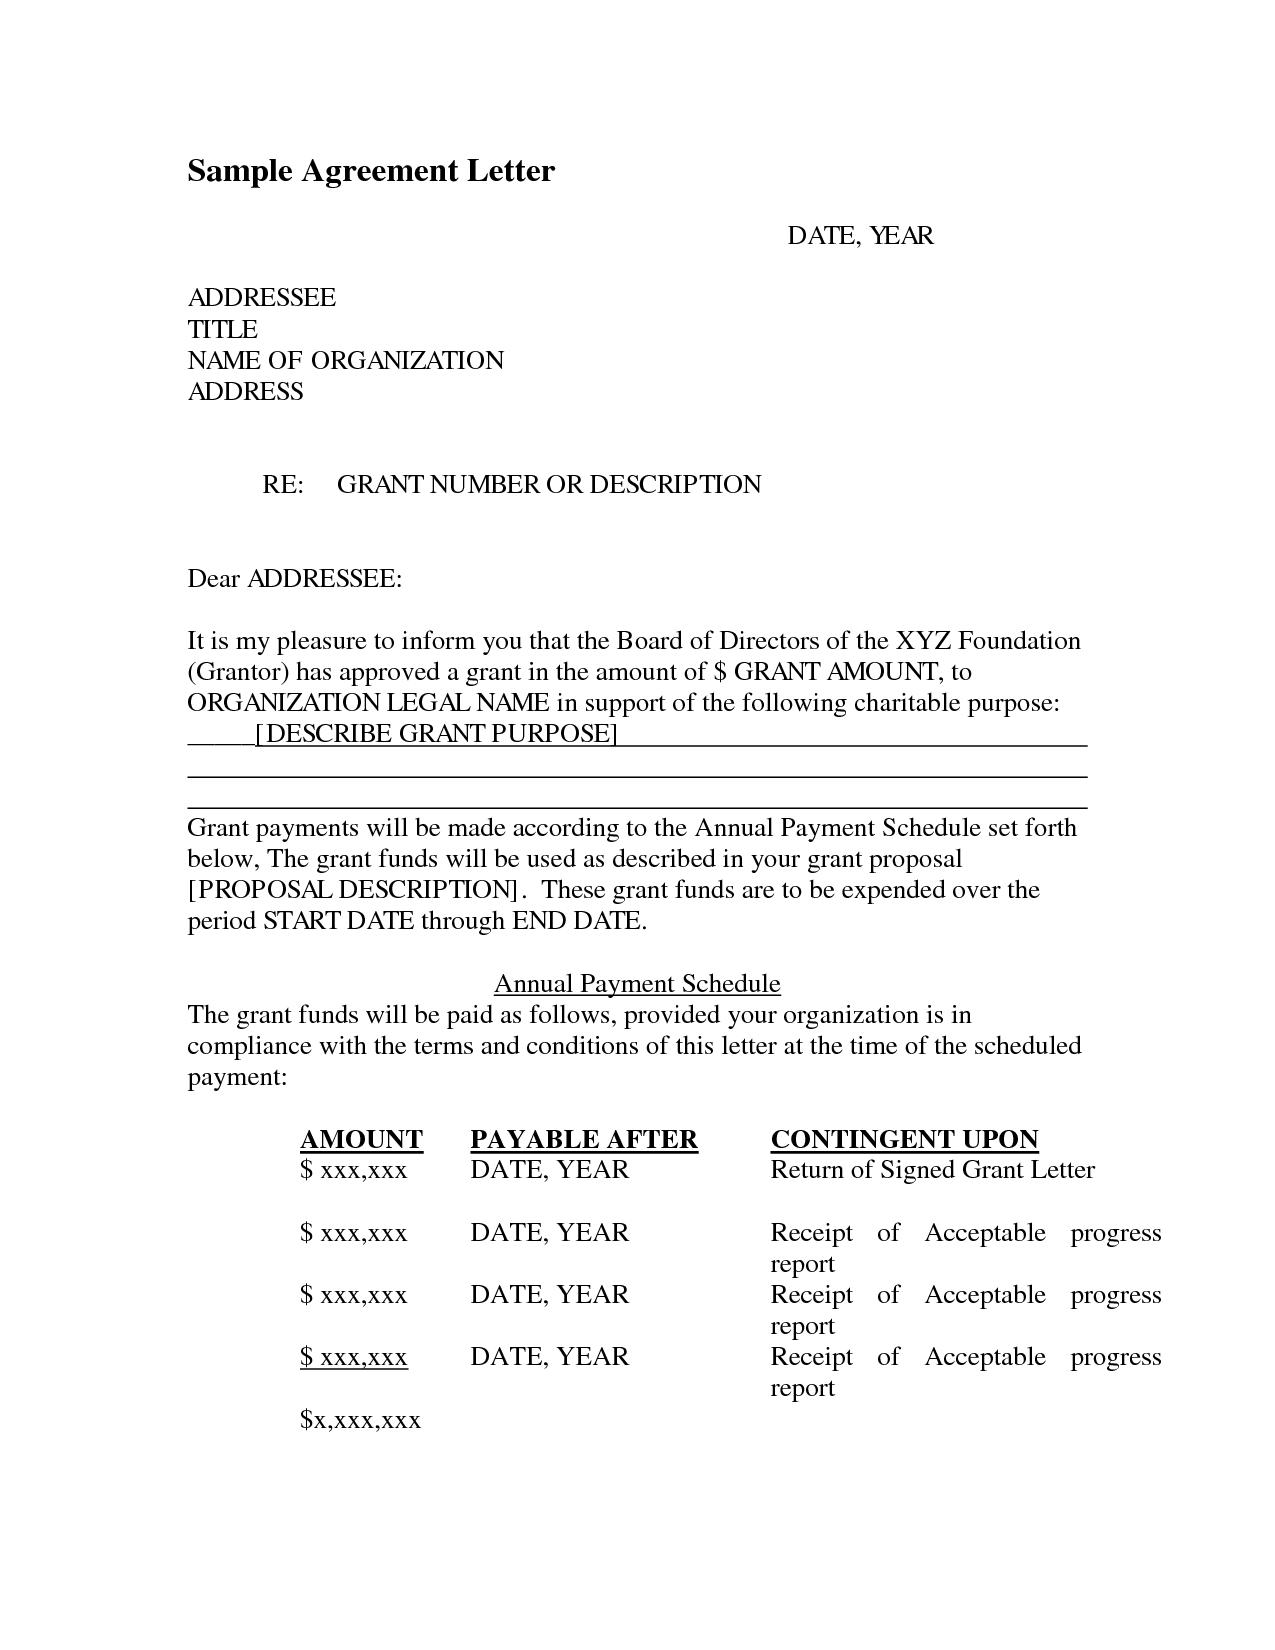 Sample agreement letter by smilingpolitely letter of agreement sample agreement letter by smilingpolitely letter of agreement sample platinumwayz